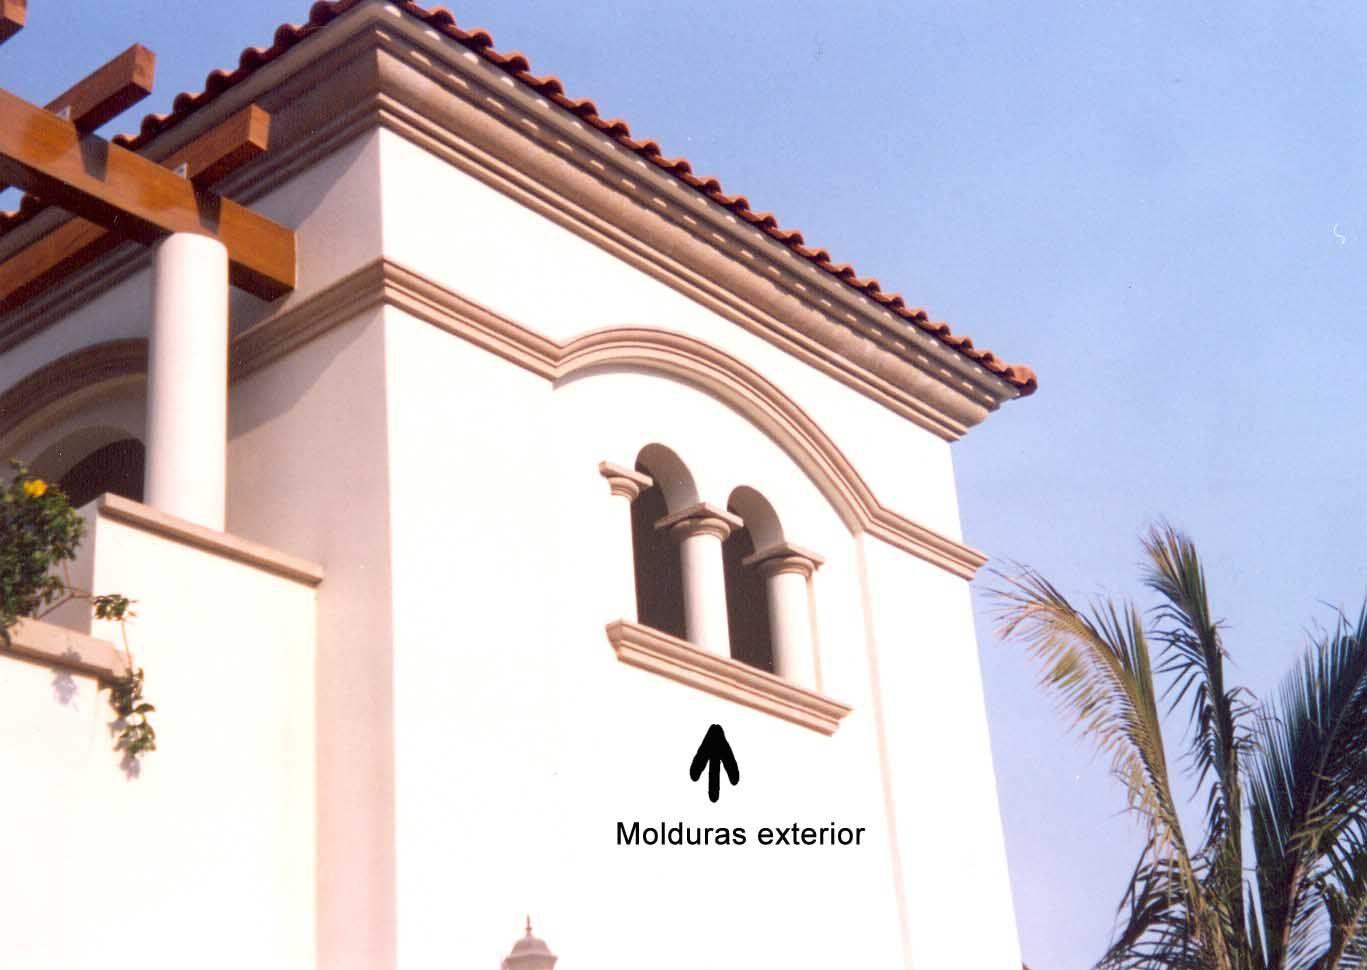 Molduras para casas exterior buscar con google - Molduras para ventanas exteriores casas ...